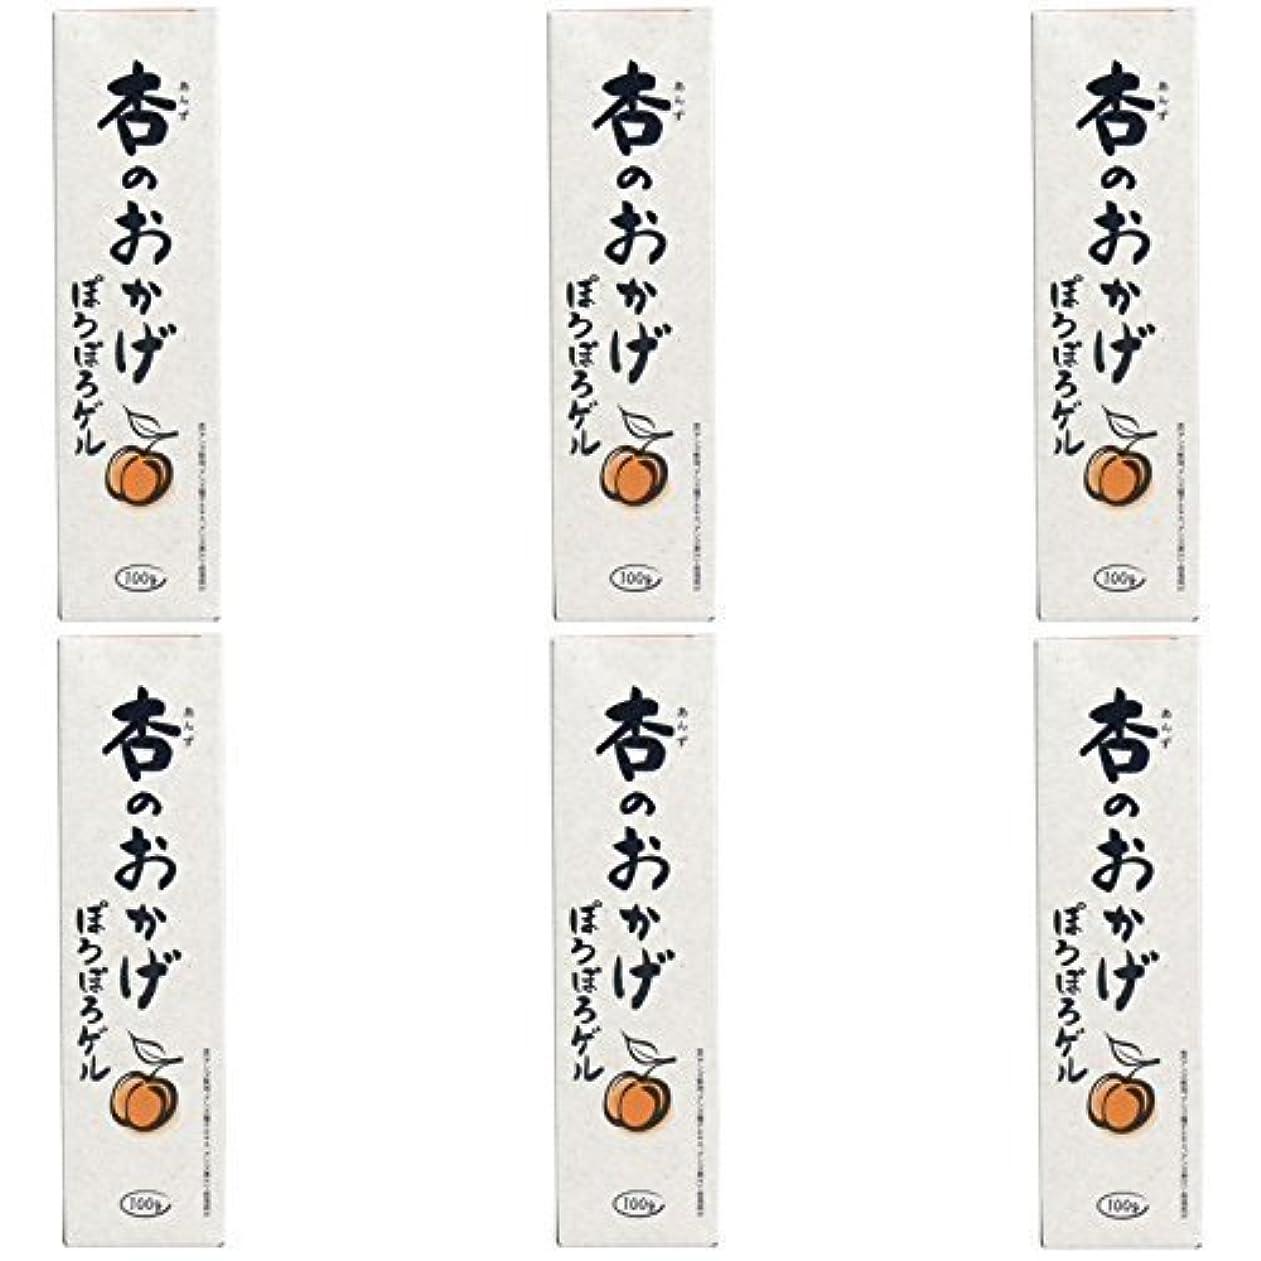 平らにする気候建築【まとめ買い】杏のおかげ ぽろぽろゲル 100g【×6個】